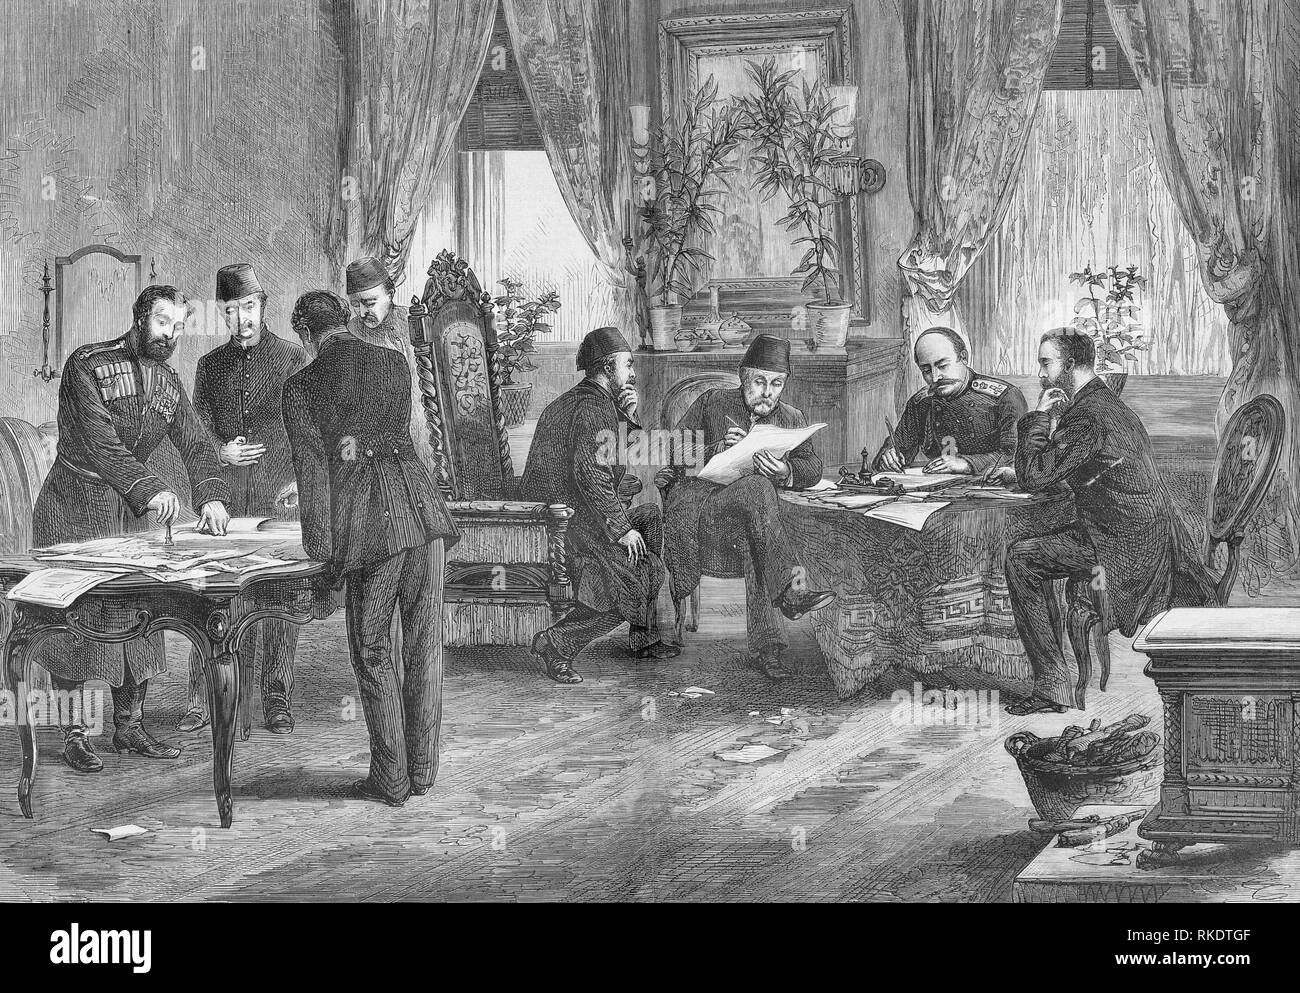 La firma del Trattato di San Stefano. Un trattato tra la Russia e l'impero ottomano firmato alla fine della guerra Russo-Turkish, 1877-78. È stato firmato il 3 marzo 1878 Immagini Stock